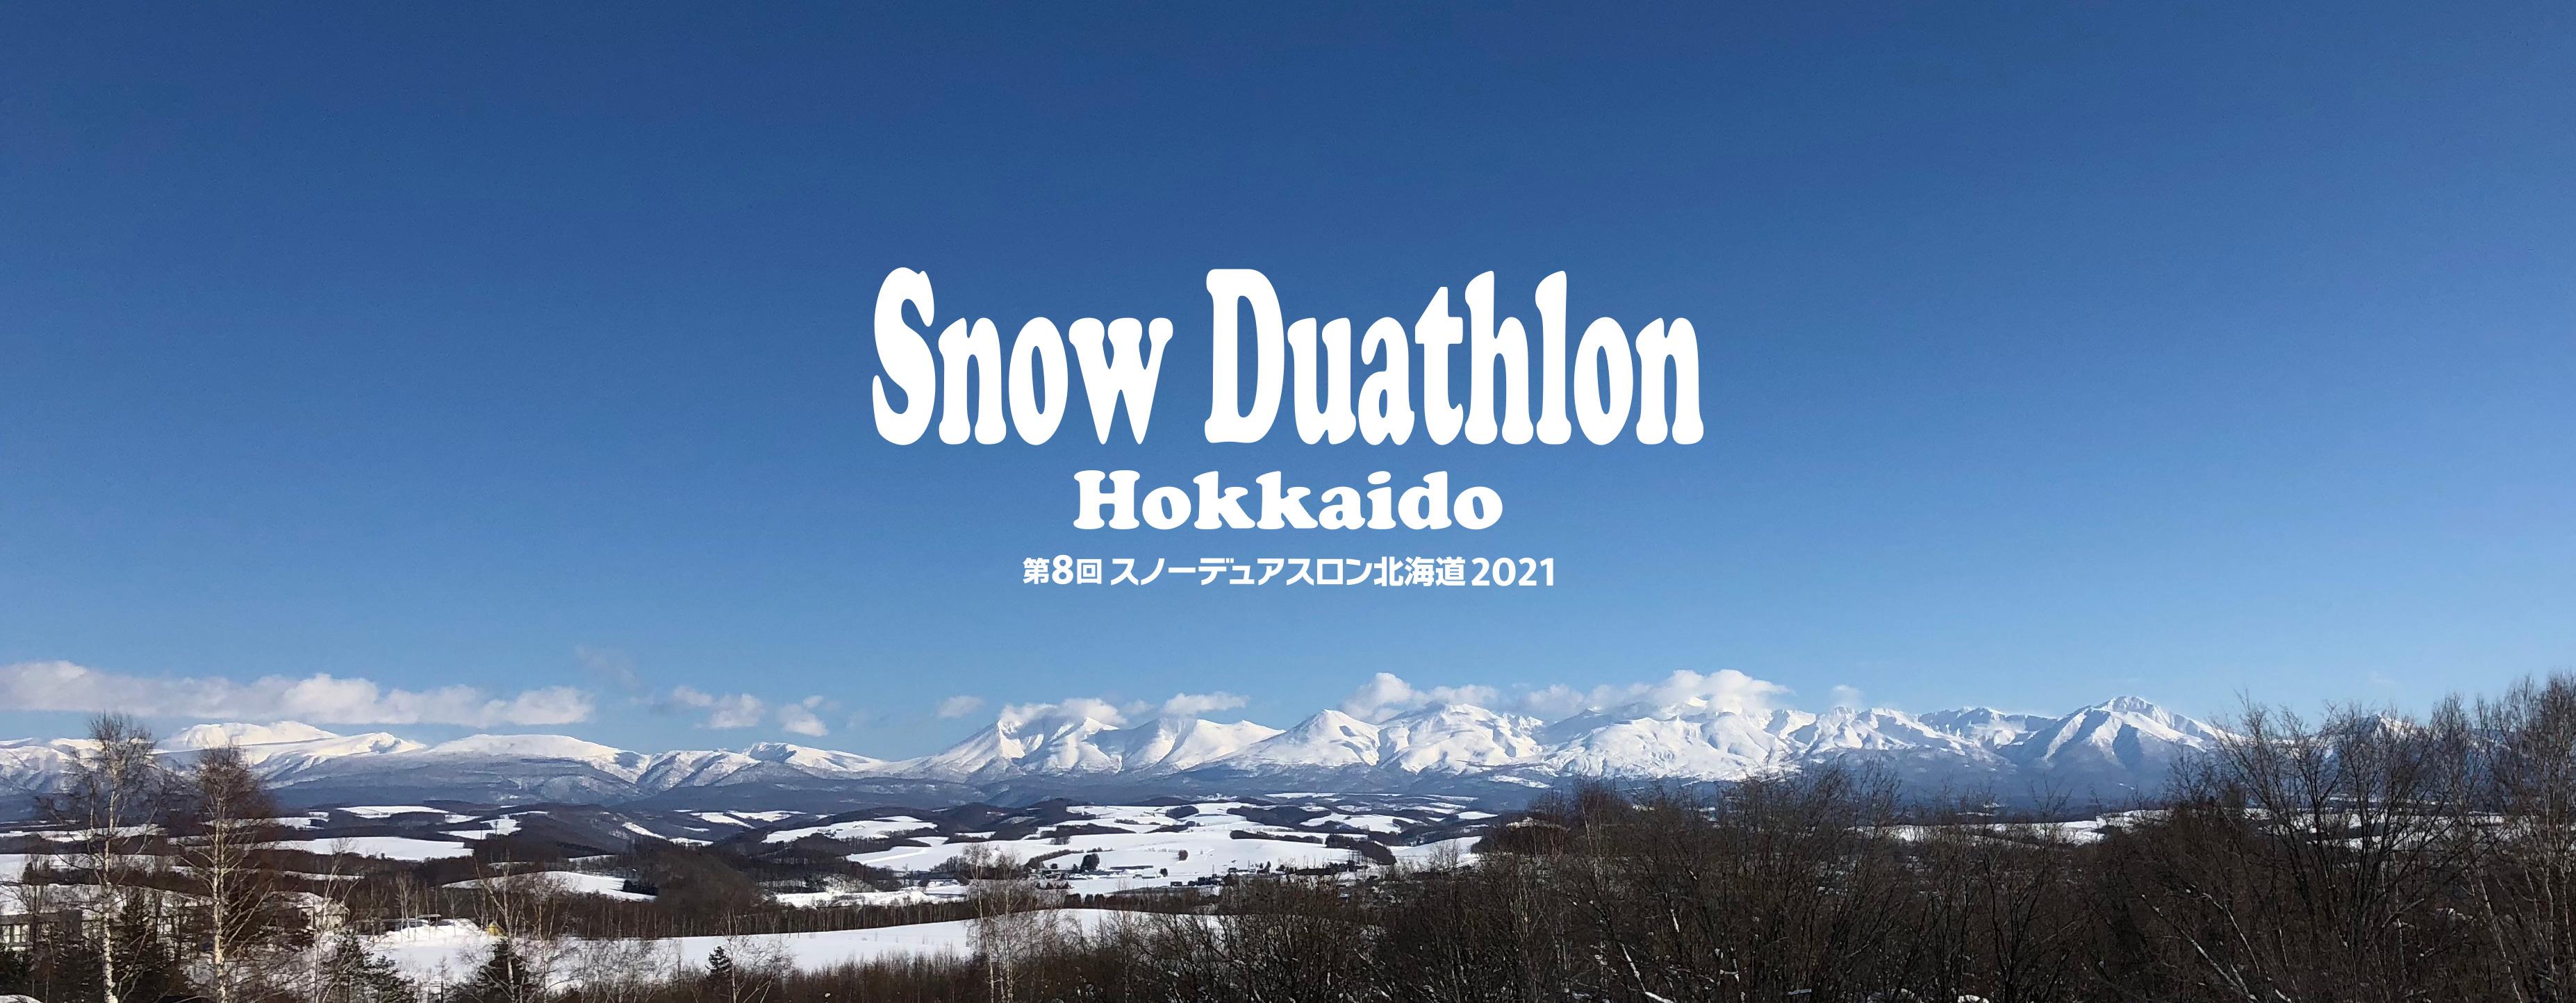 スノーデュアスロン公式WEBサイト